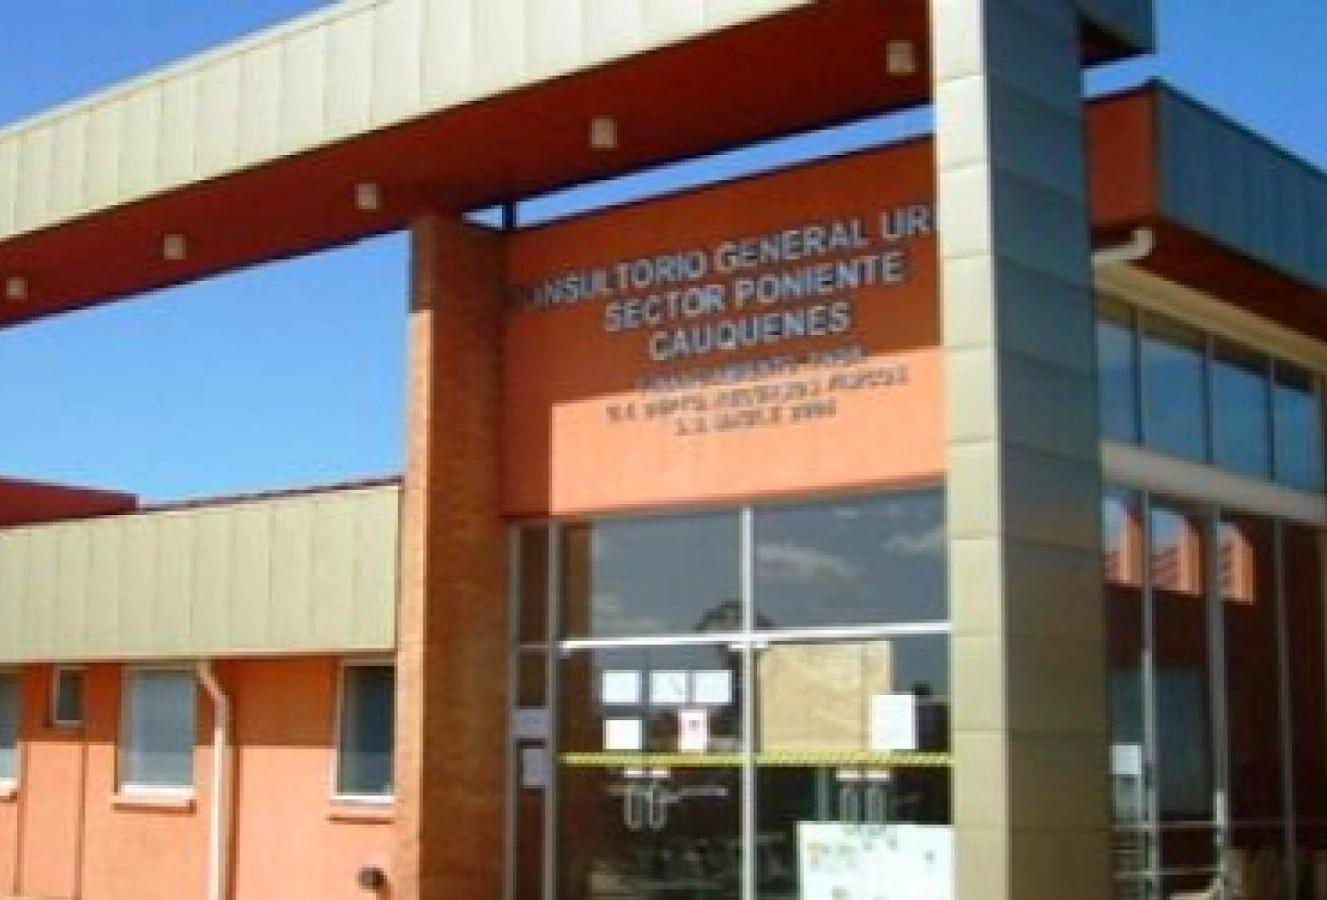 Municipalidad de Cauquenes adquiere máquinas para atención oftalmológica de última generación